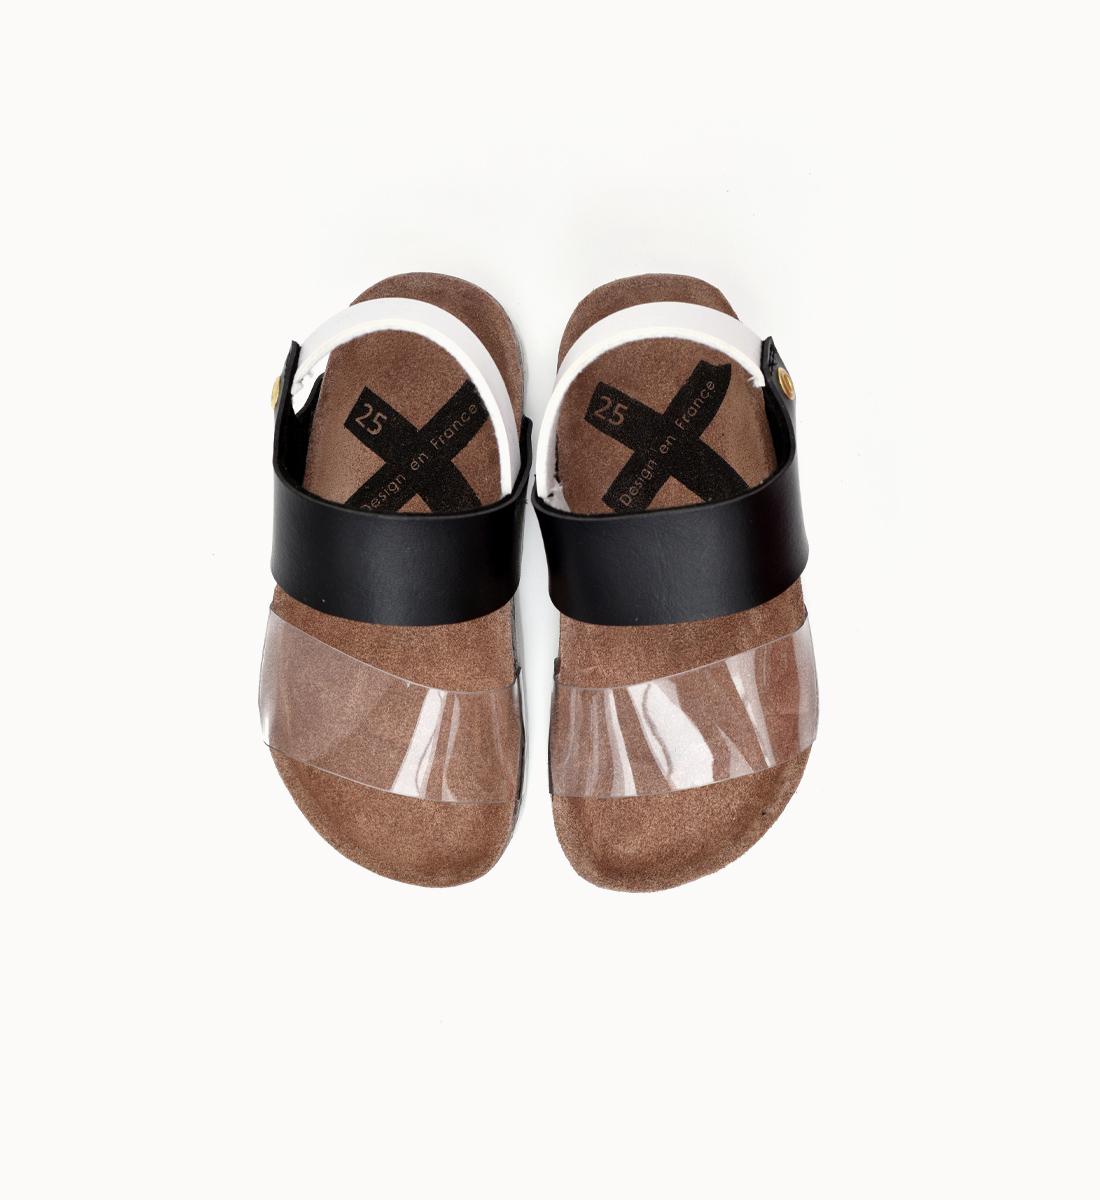 BOXBO 法國時尚涼鞋 / 透明我最炫-時尚黑